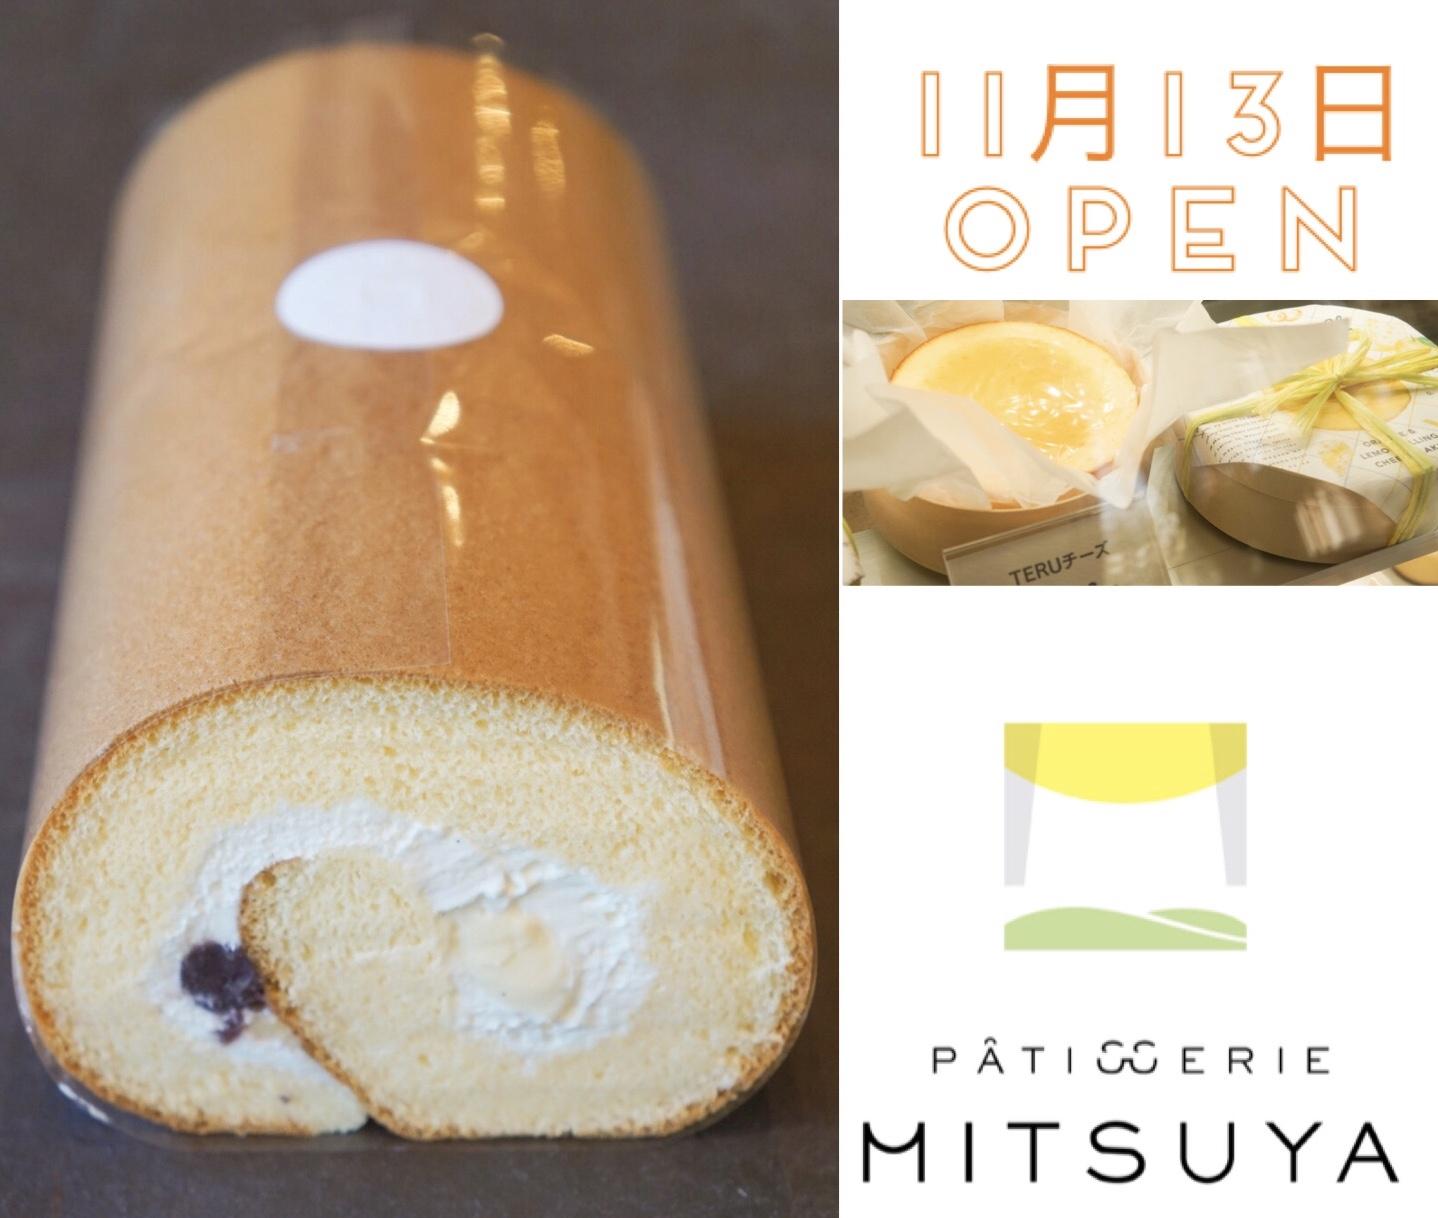 【11/13新店】[PATISSRIE MITSUYA]エスコヤマ出身パティシエのお店が草津に!絶品ロールケーキやバームクーヘンがずらり